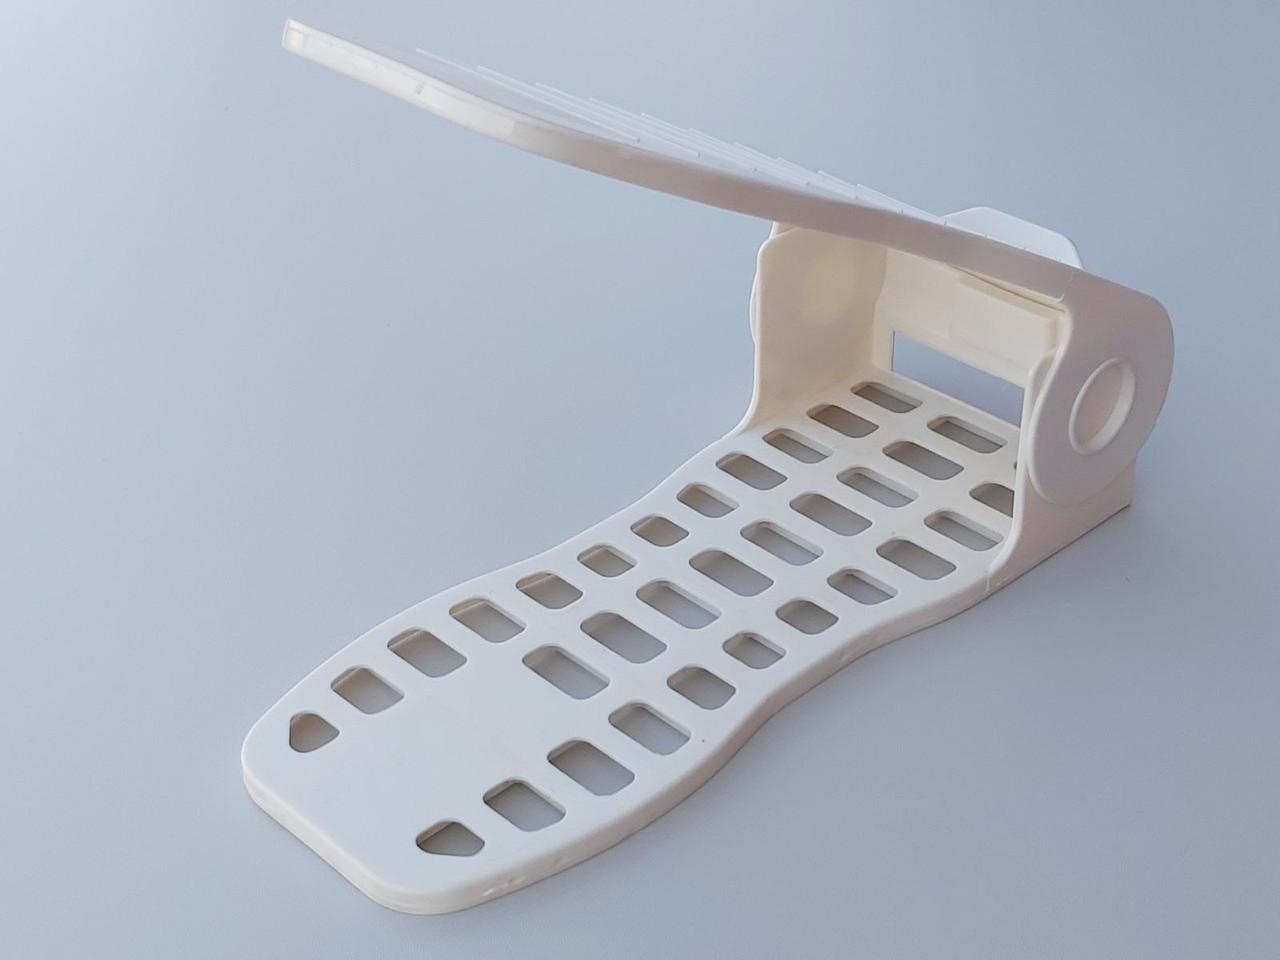 Двойная подставка-органайзер для обуви молочного цвета. Регулируется по высоте в 4 положениях.